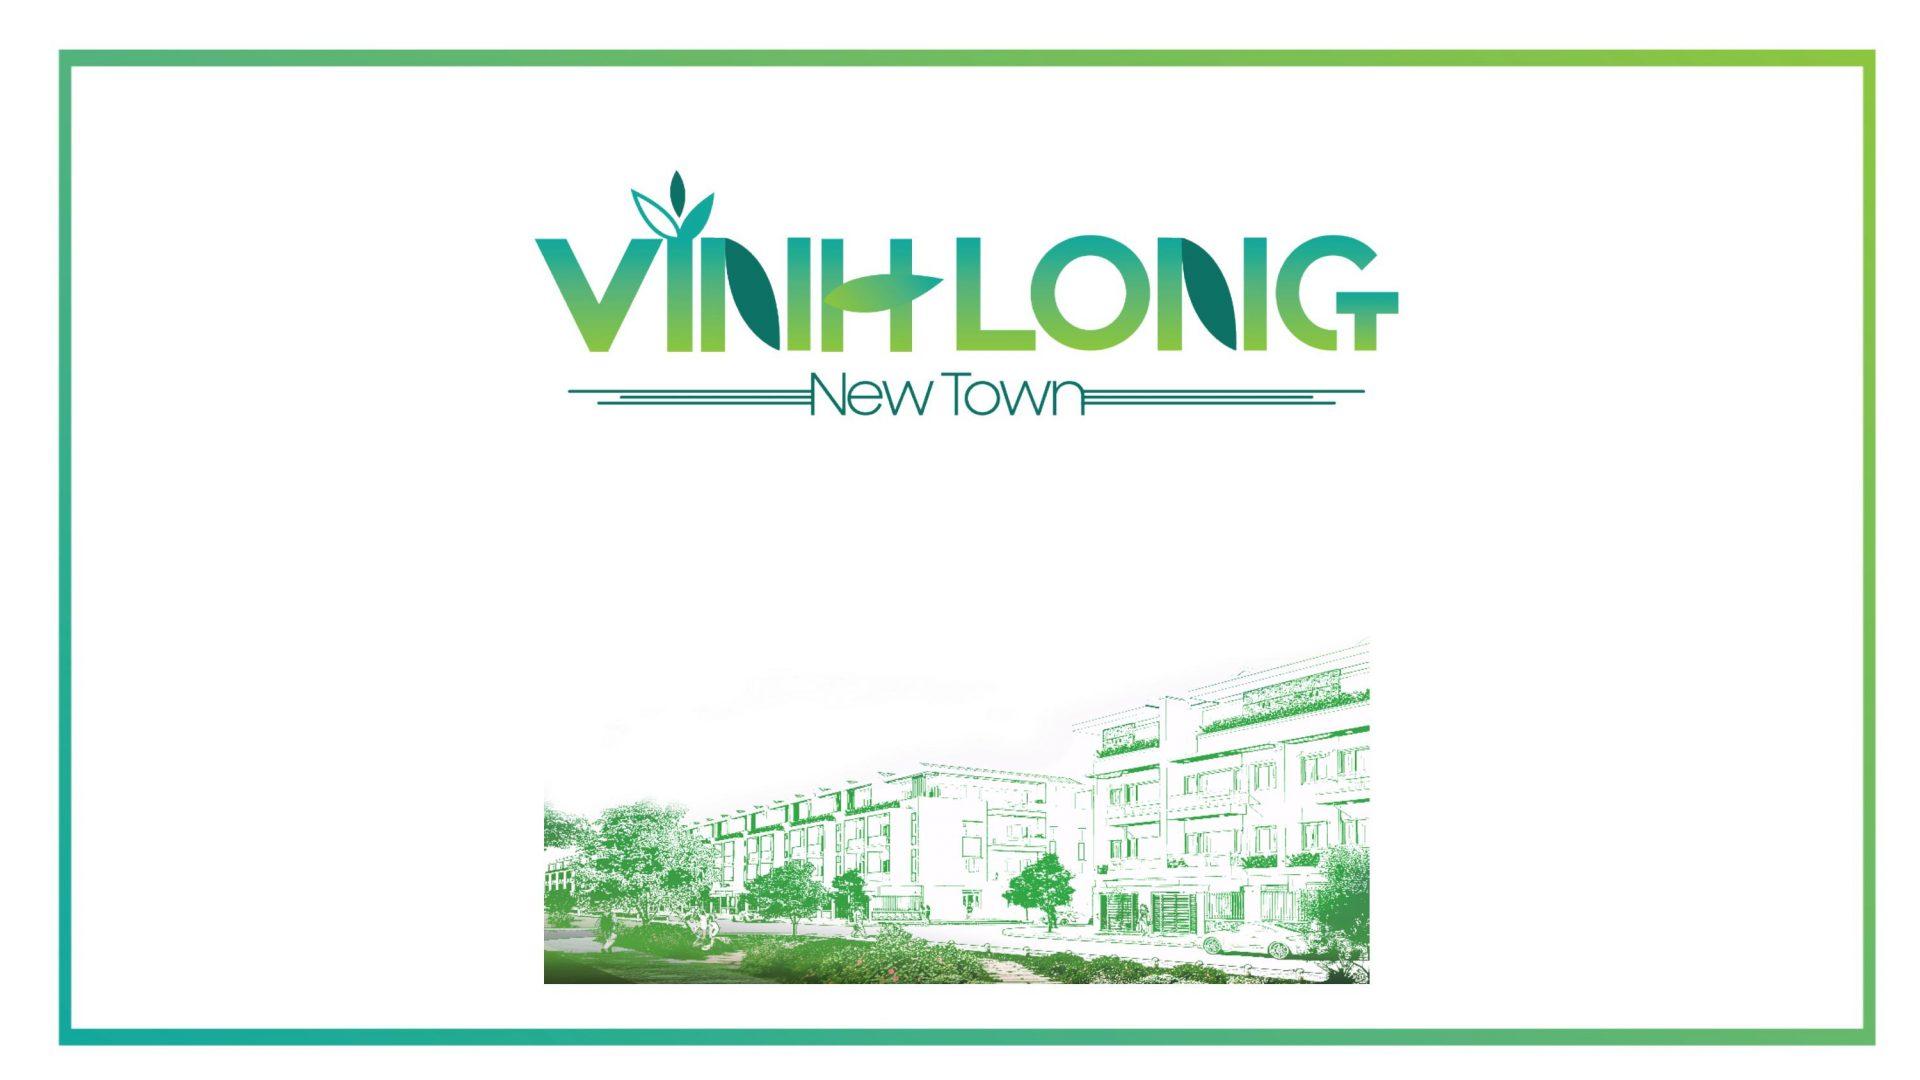 gioi thieu du an 1 - DỰ ÁN ĐẤT NỀN VĨNH LONG NEW TOWN